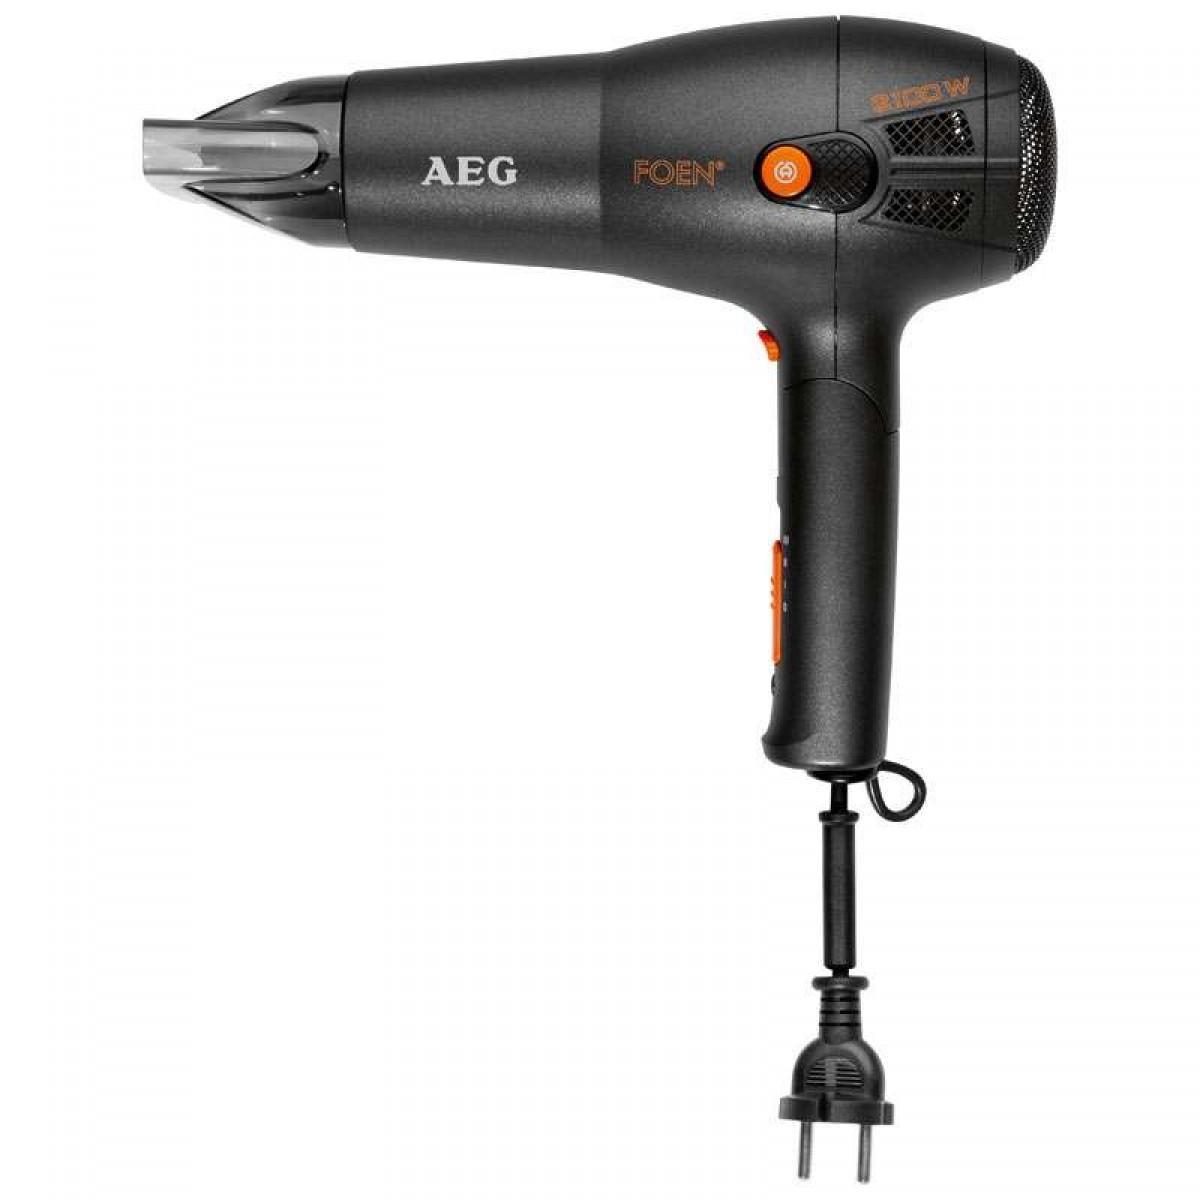 AEG HT 0 Ionic, Black фенHT 0 schwarz ionicСистема ионизации внутри фена генерирует отрицательные ионы, которые обеспечивают натуральный блеск и здоровье волос, устраняя эффект наэлектризованности. Очень удобен и практичен в использовании, благодаря эргономичной ручке с автосматывающимся шнуром и кнопкам управления, которые находятся под ручкой